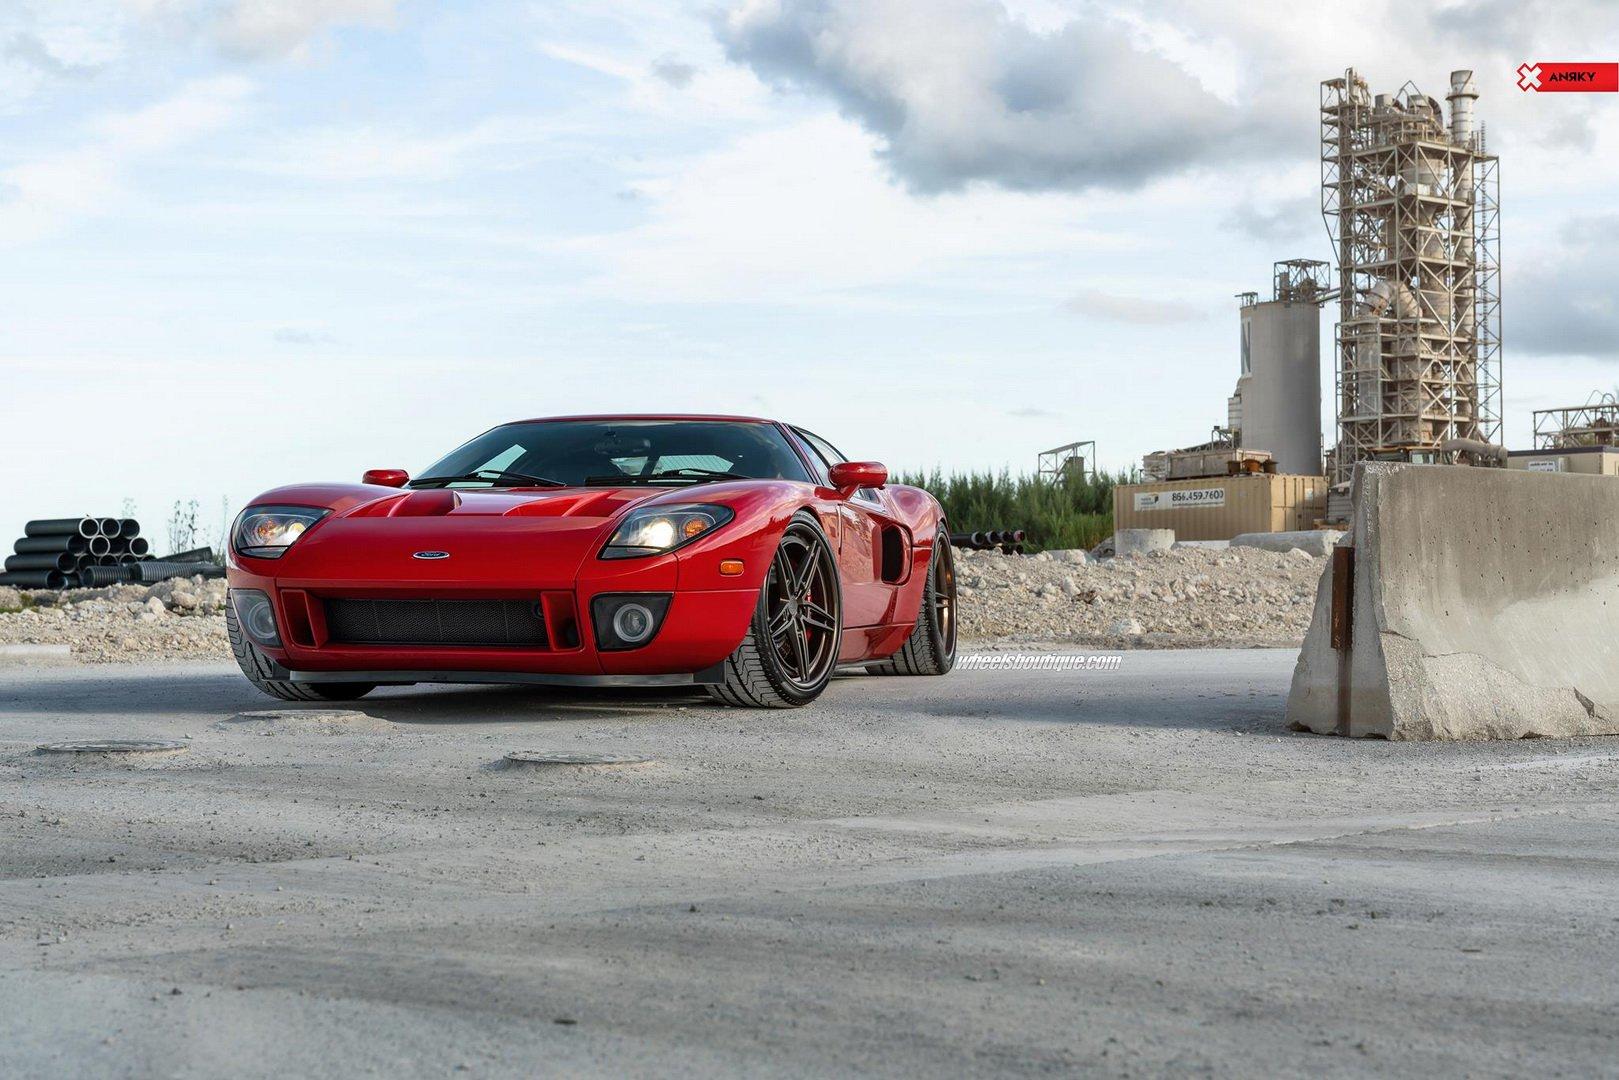 Ford GT byHeffner Performance (1)